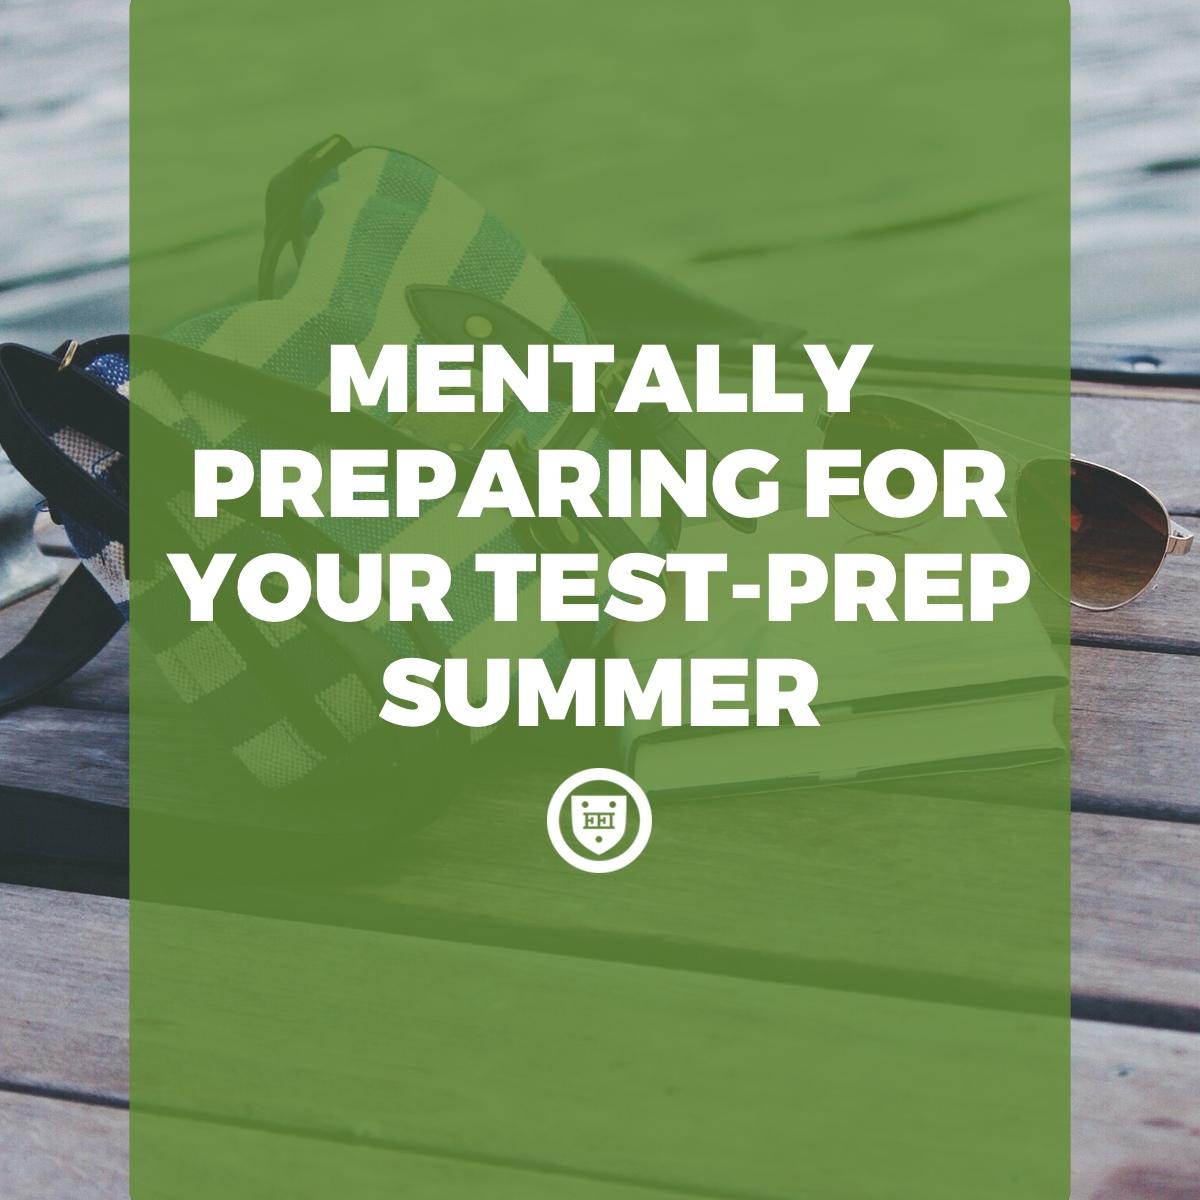 Mentally Preparing for Your Test Prep Summer